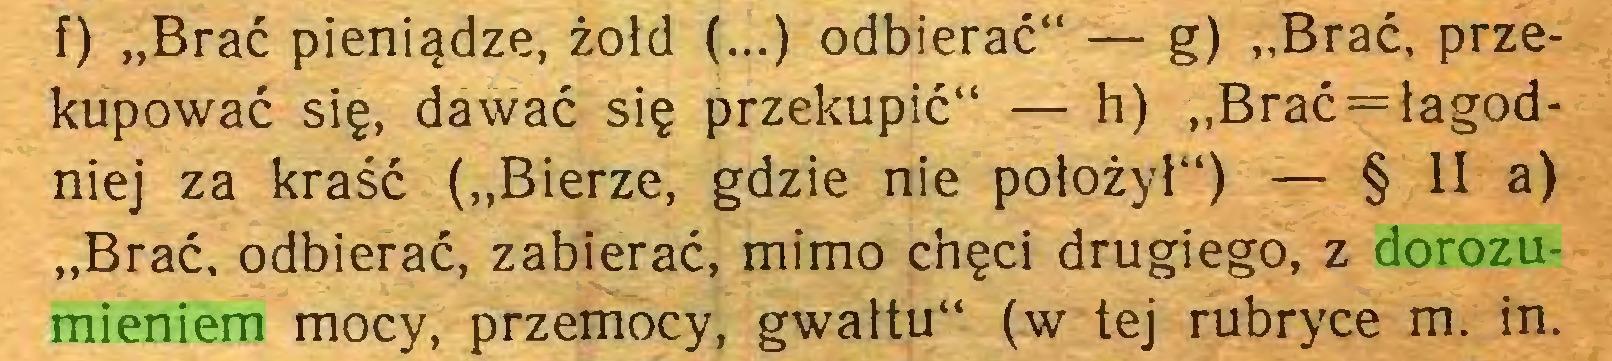 """(...) f) """"Brać pieniądze, żołd (...) odbierać"""" — g) """"Brać, przekupować się, dawać się przekupić"""" — h) """"Brać=łagodniej za kraść (""""Bierze, gdzie nie położył"""") — § II a) """"Brać, odbierać, zabierać, mimo chęci drugiego, z dorozumieniem mocy, przemocy, gwałtu"""" (w tej rubryce m. in..."""